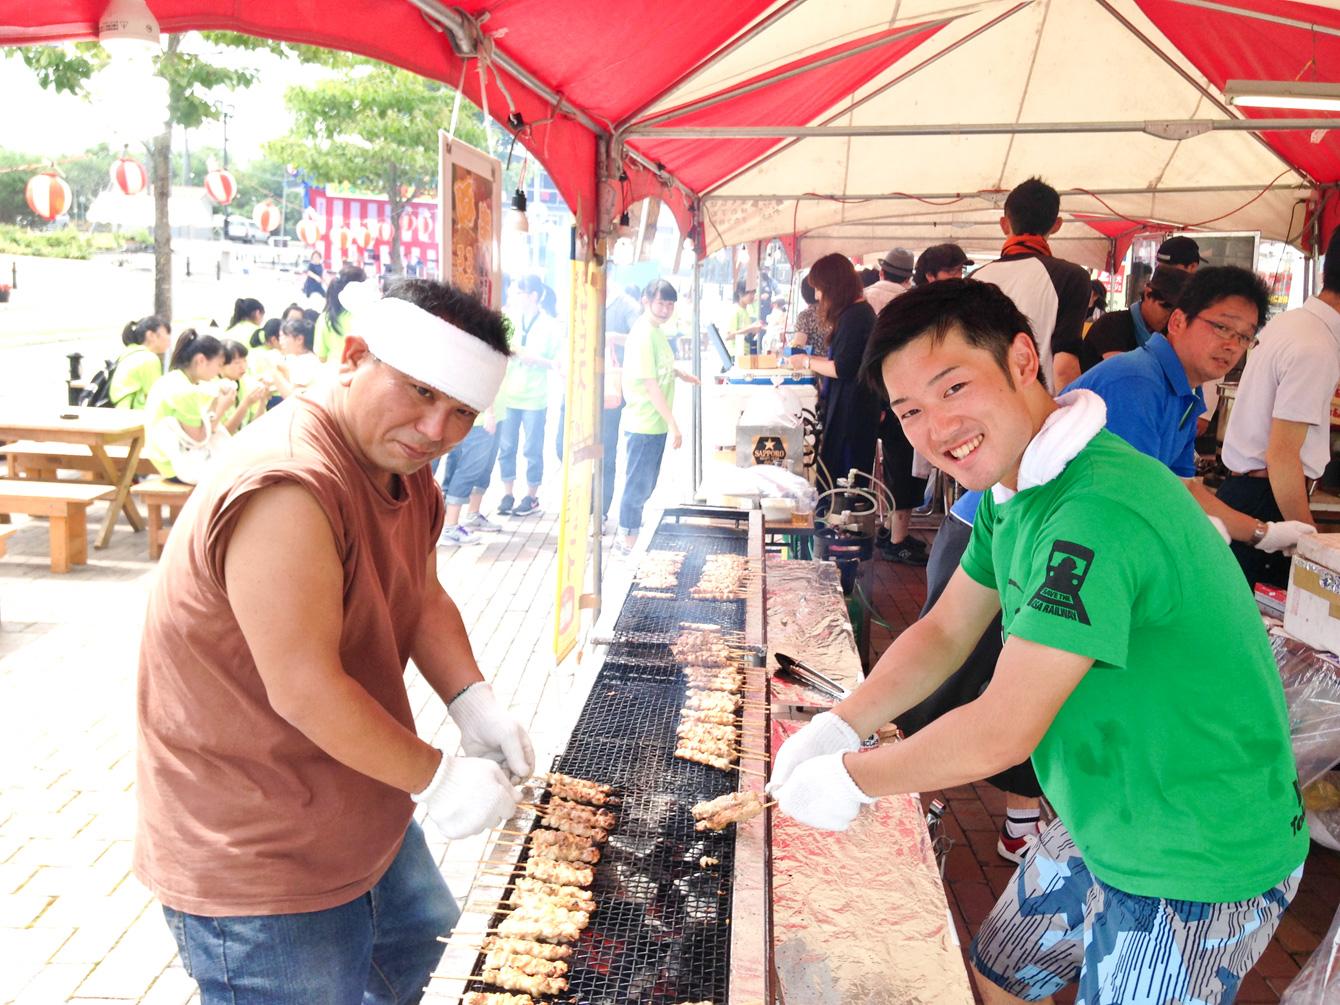 屋台で焼き鳥を焼いている様子。青年部の中山さん(左)と小松(右)。